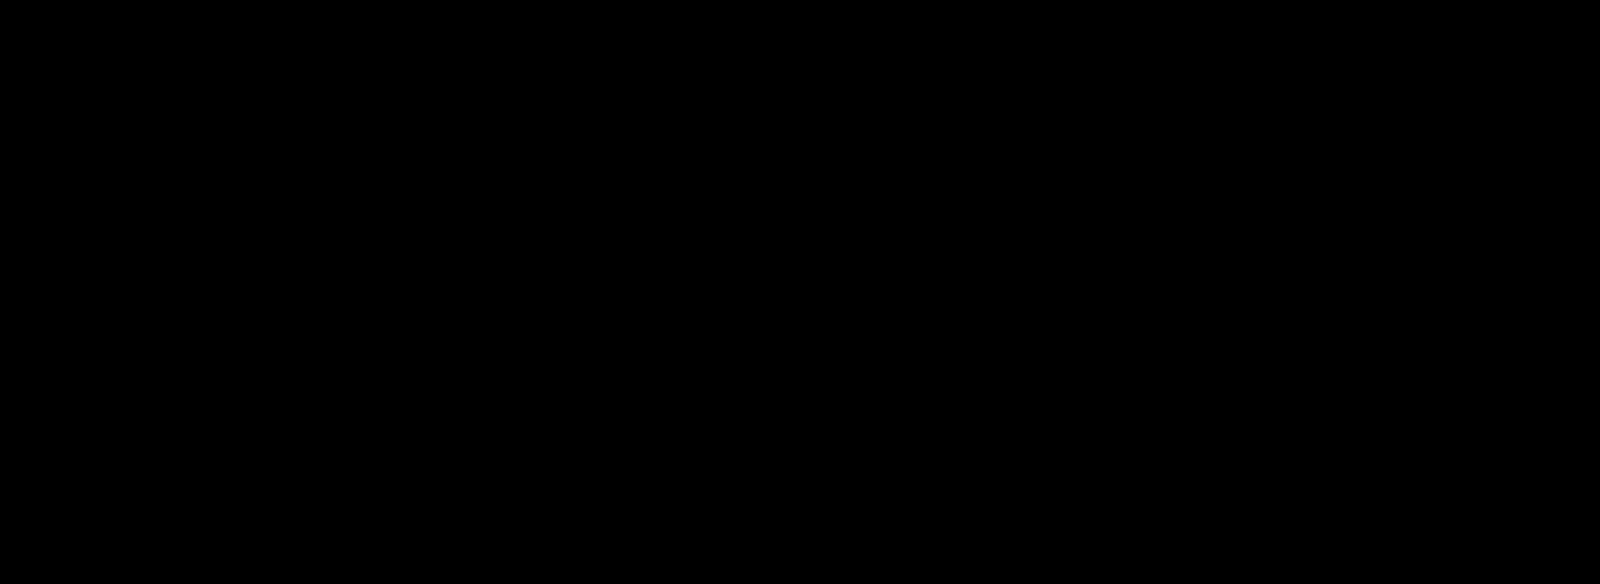 Basics / Icons